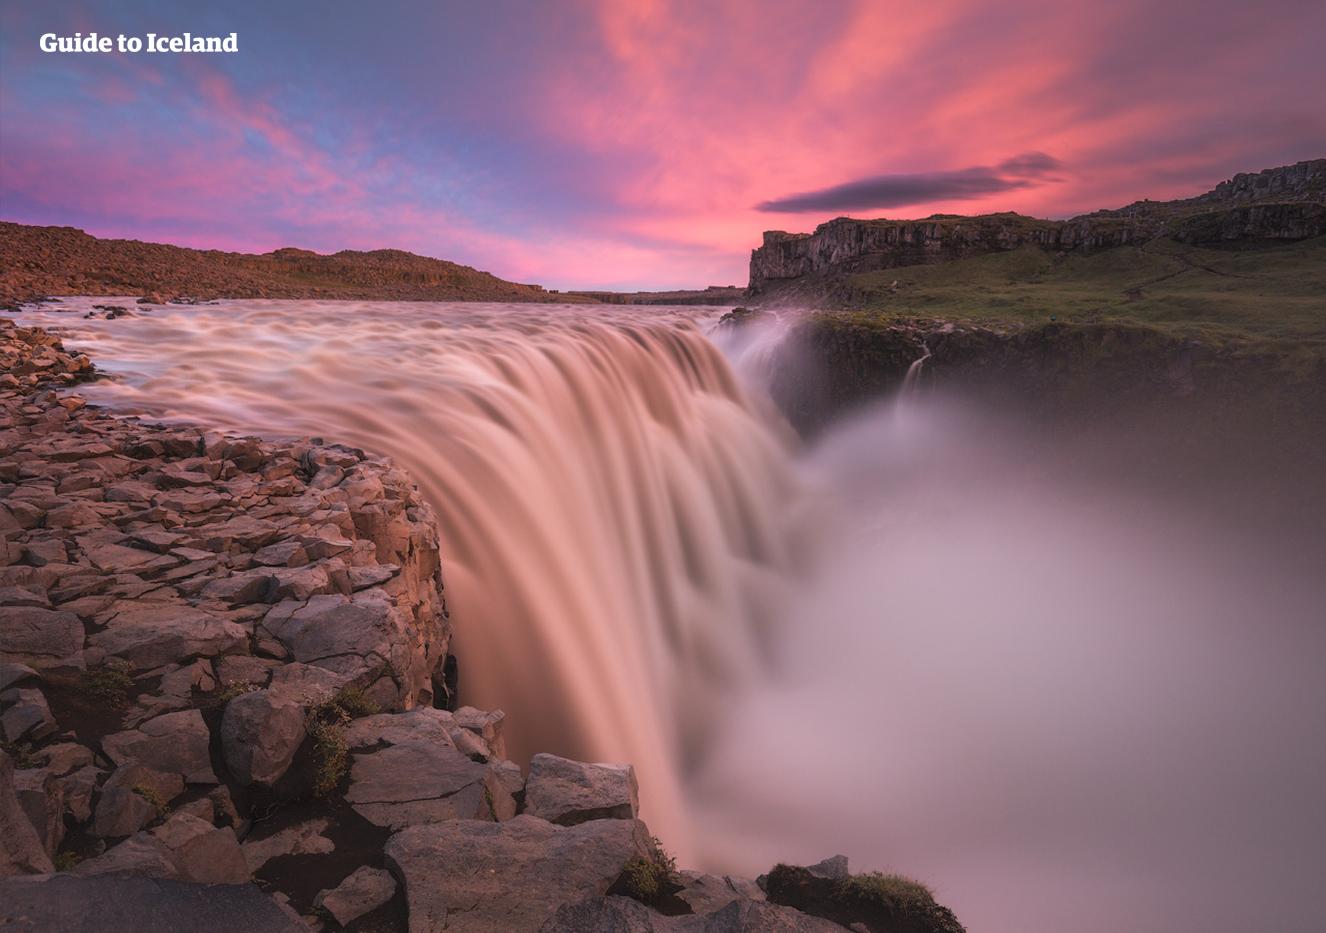 10-dniowe wakacje na Islandii z lotami z Reykjaviku do Akureyri, pełne wodospadów i gorących źródeł - day 7